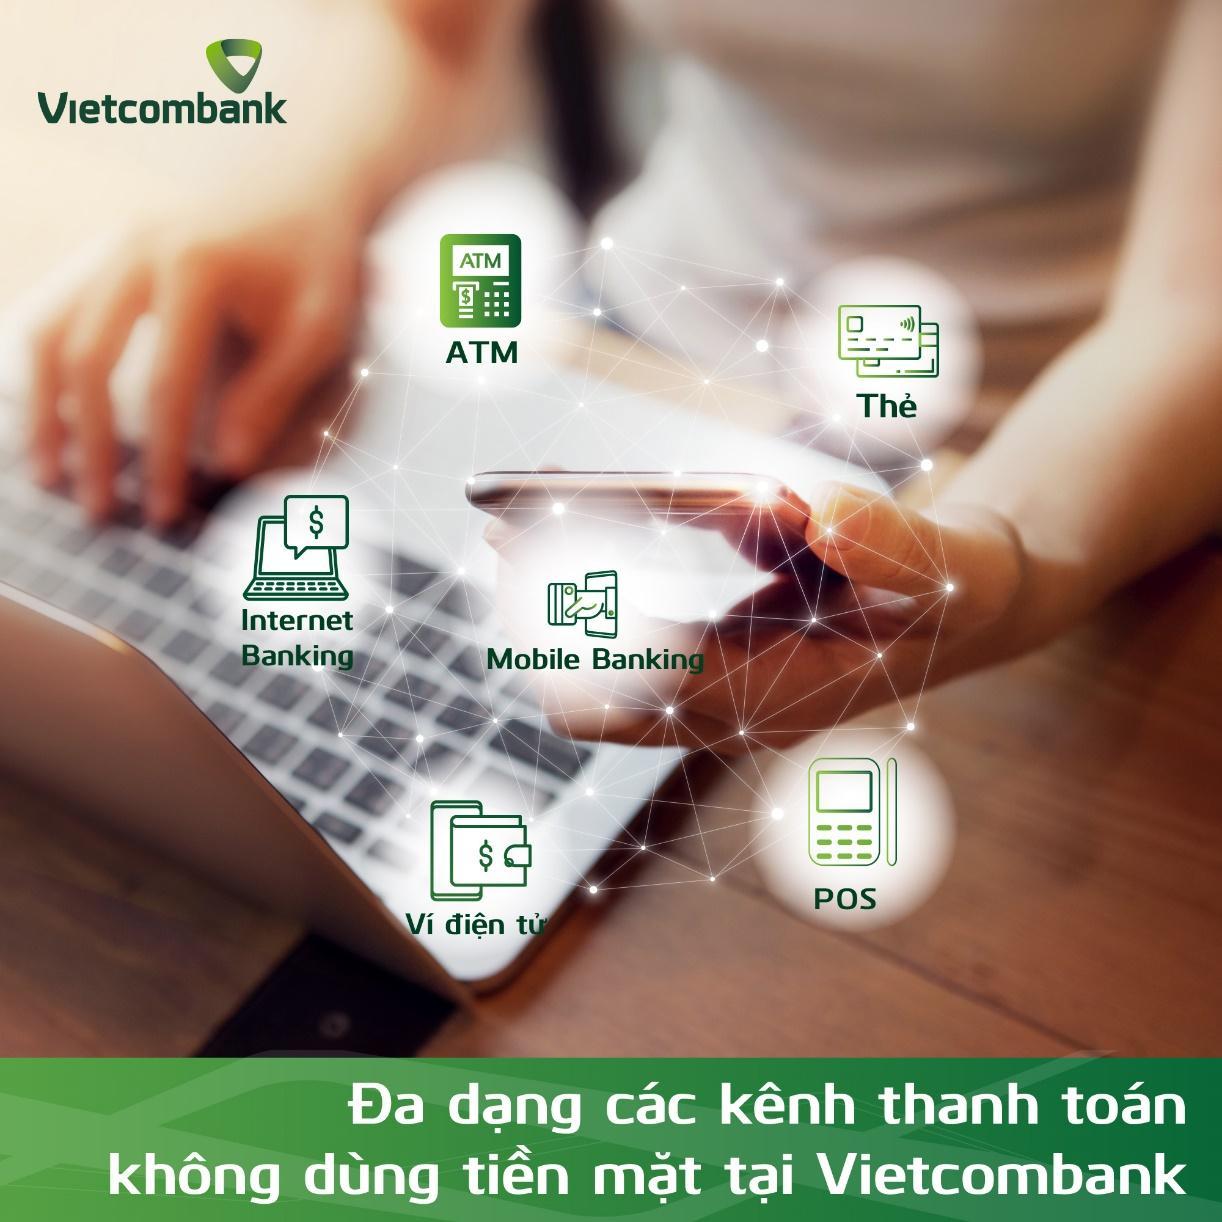 """Vietcombank hưởng ứng mạnh mẽ """"Ngày không dùng tiền mặt 16/06"""" - Ảnh 1"""